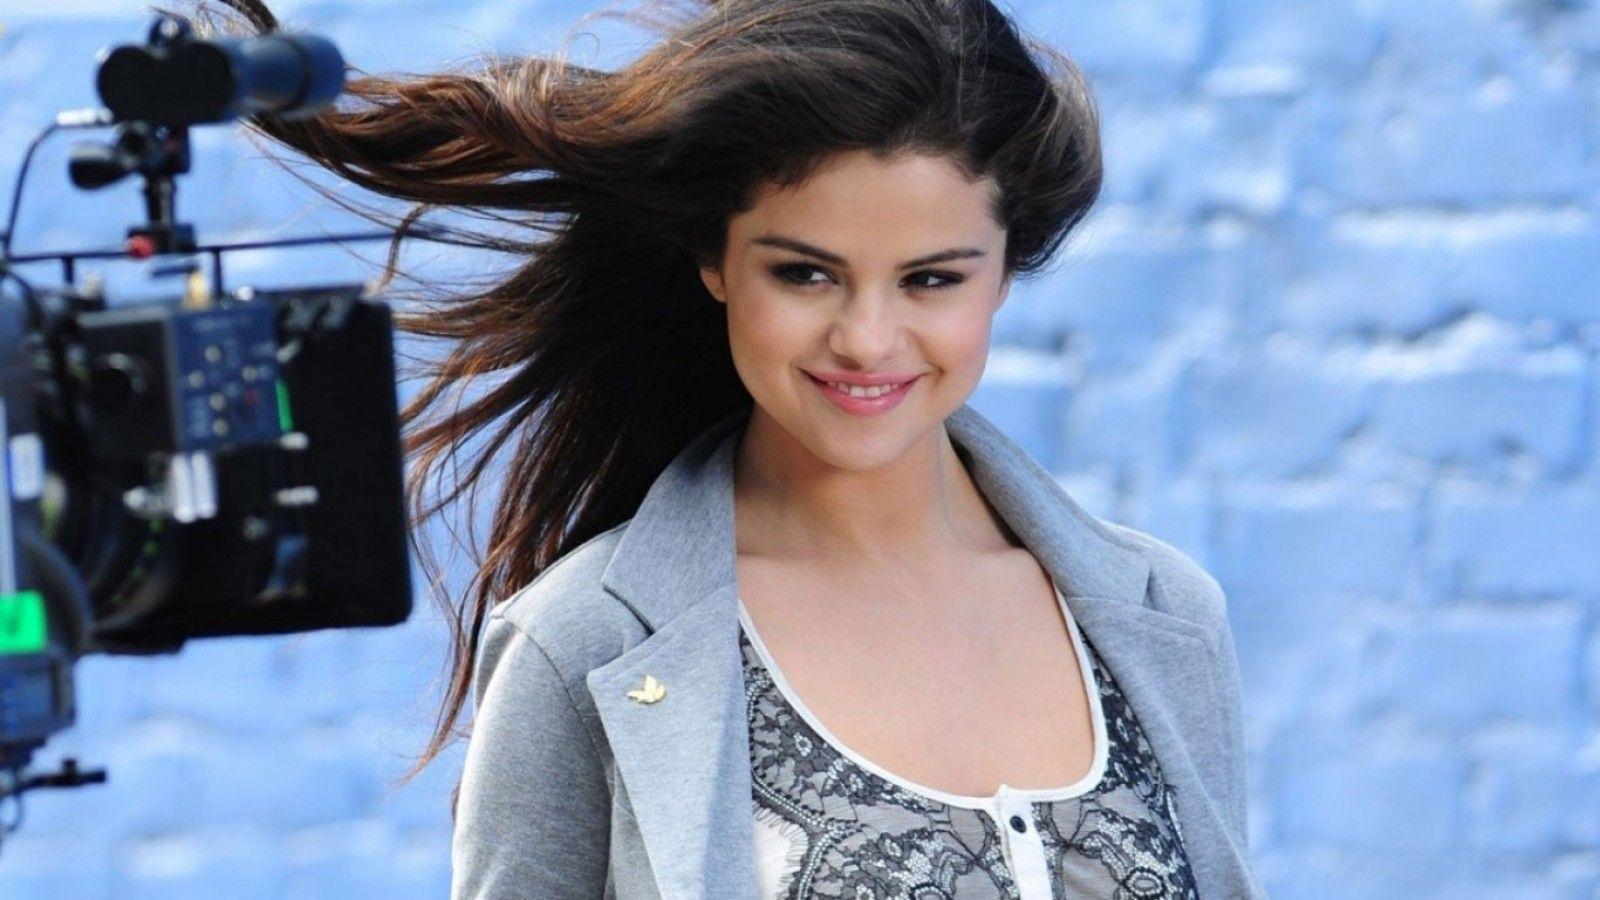 Selena gomez room pictures Selena Gomez - MTV Video Music Awards 2013 press room